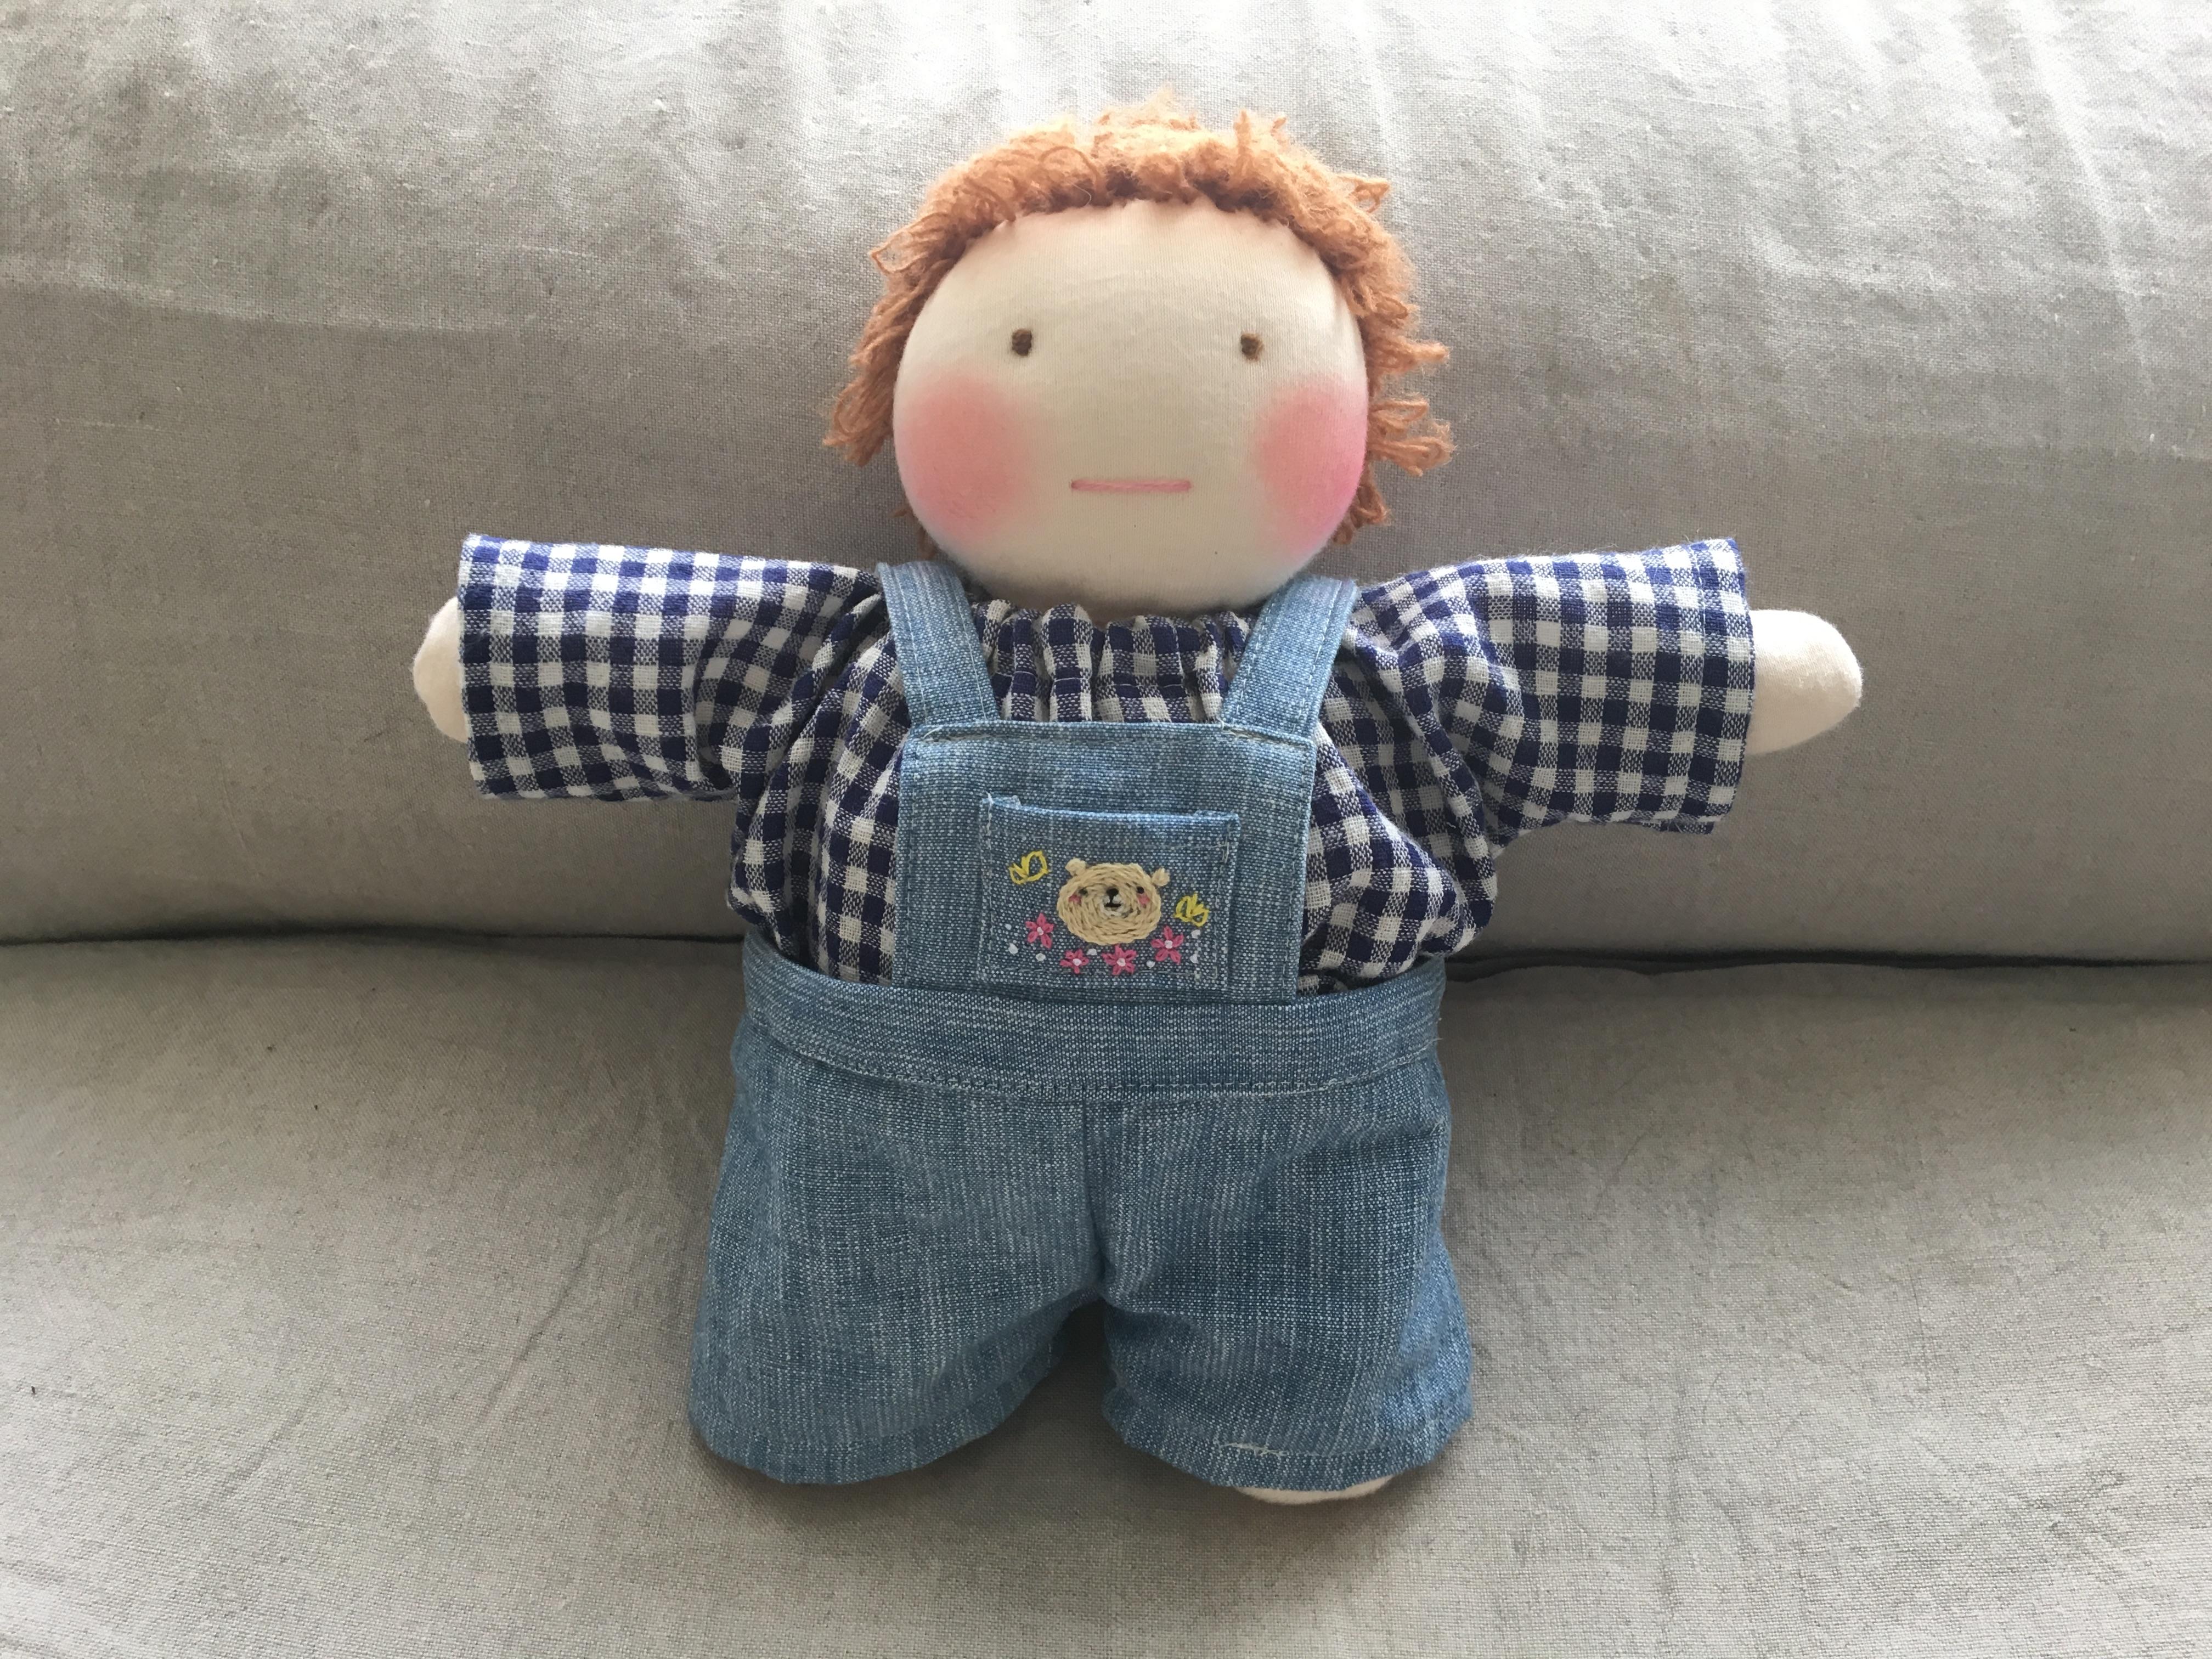 幼い子供のためのはじめてのお人形!簡単な作り方です